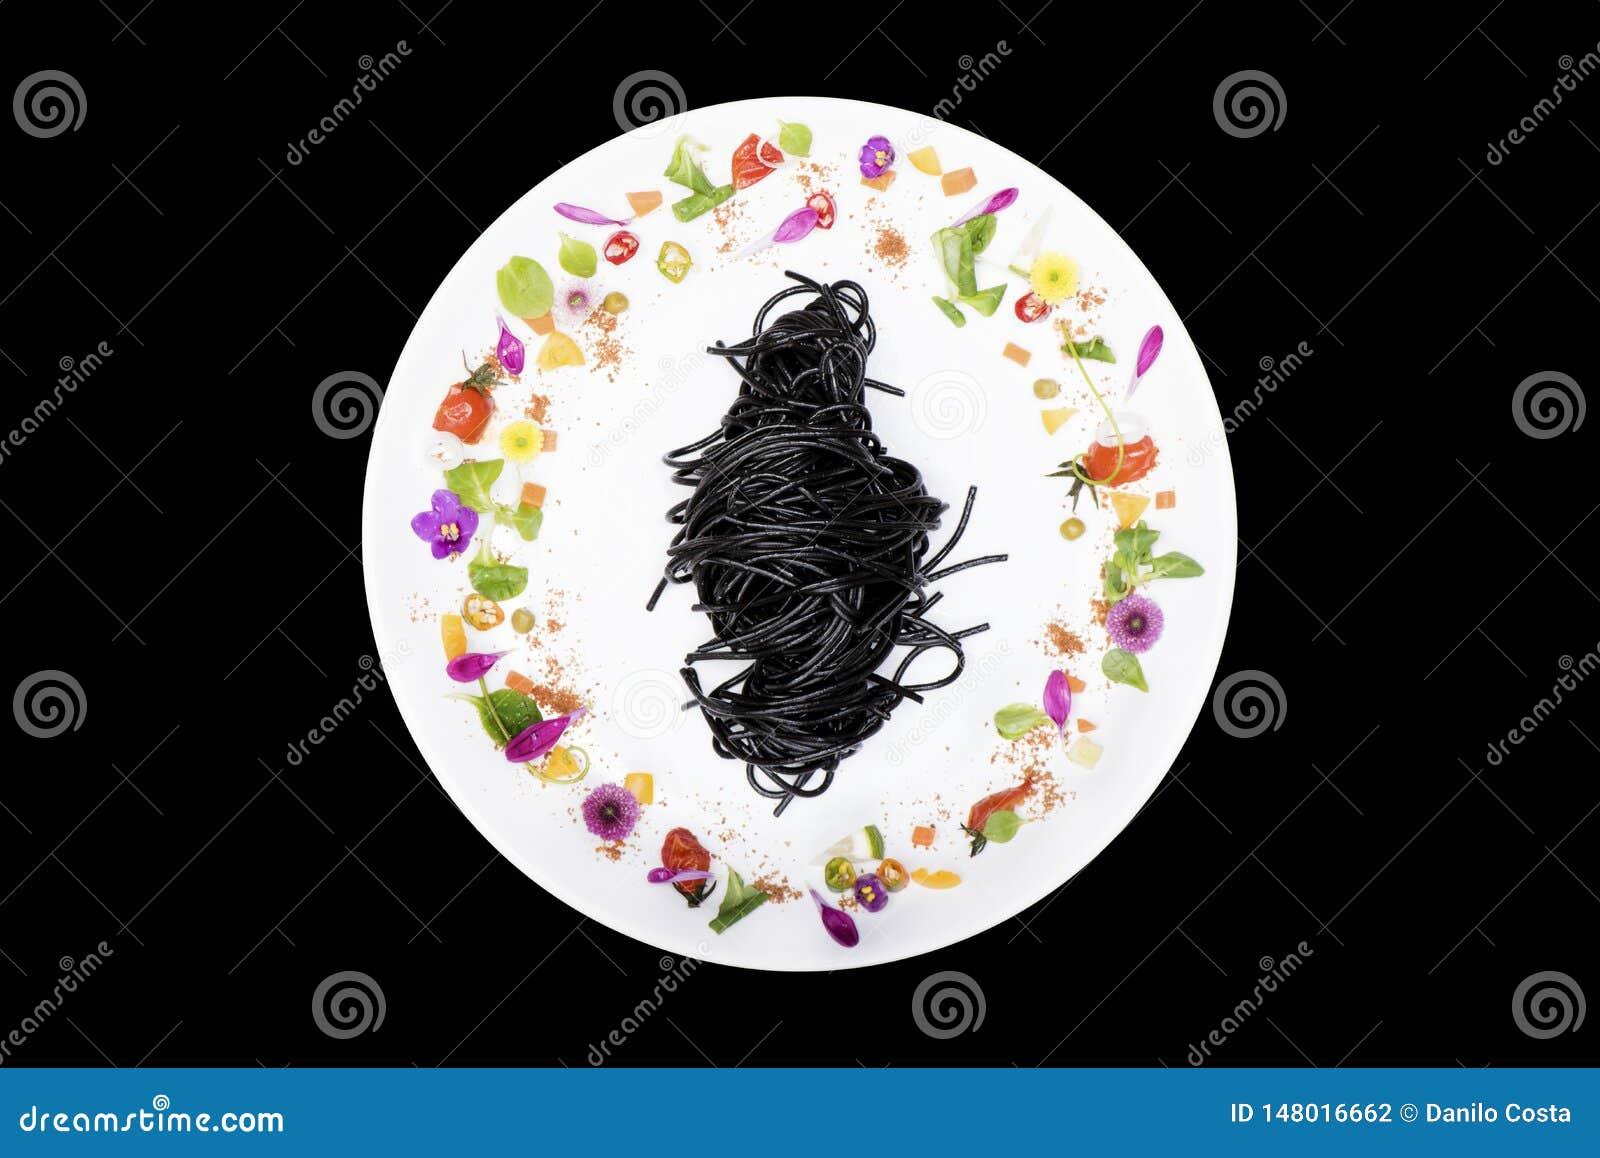 Czarny kałamarnica spaghetti w talerzu z kwiat dekoracją na czarnym tle